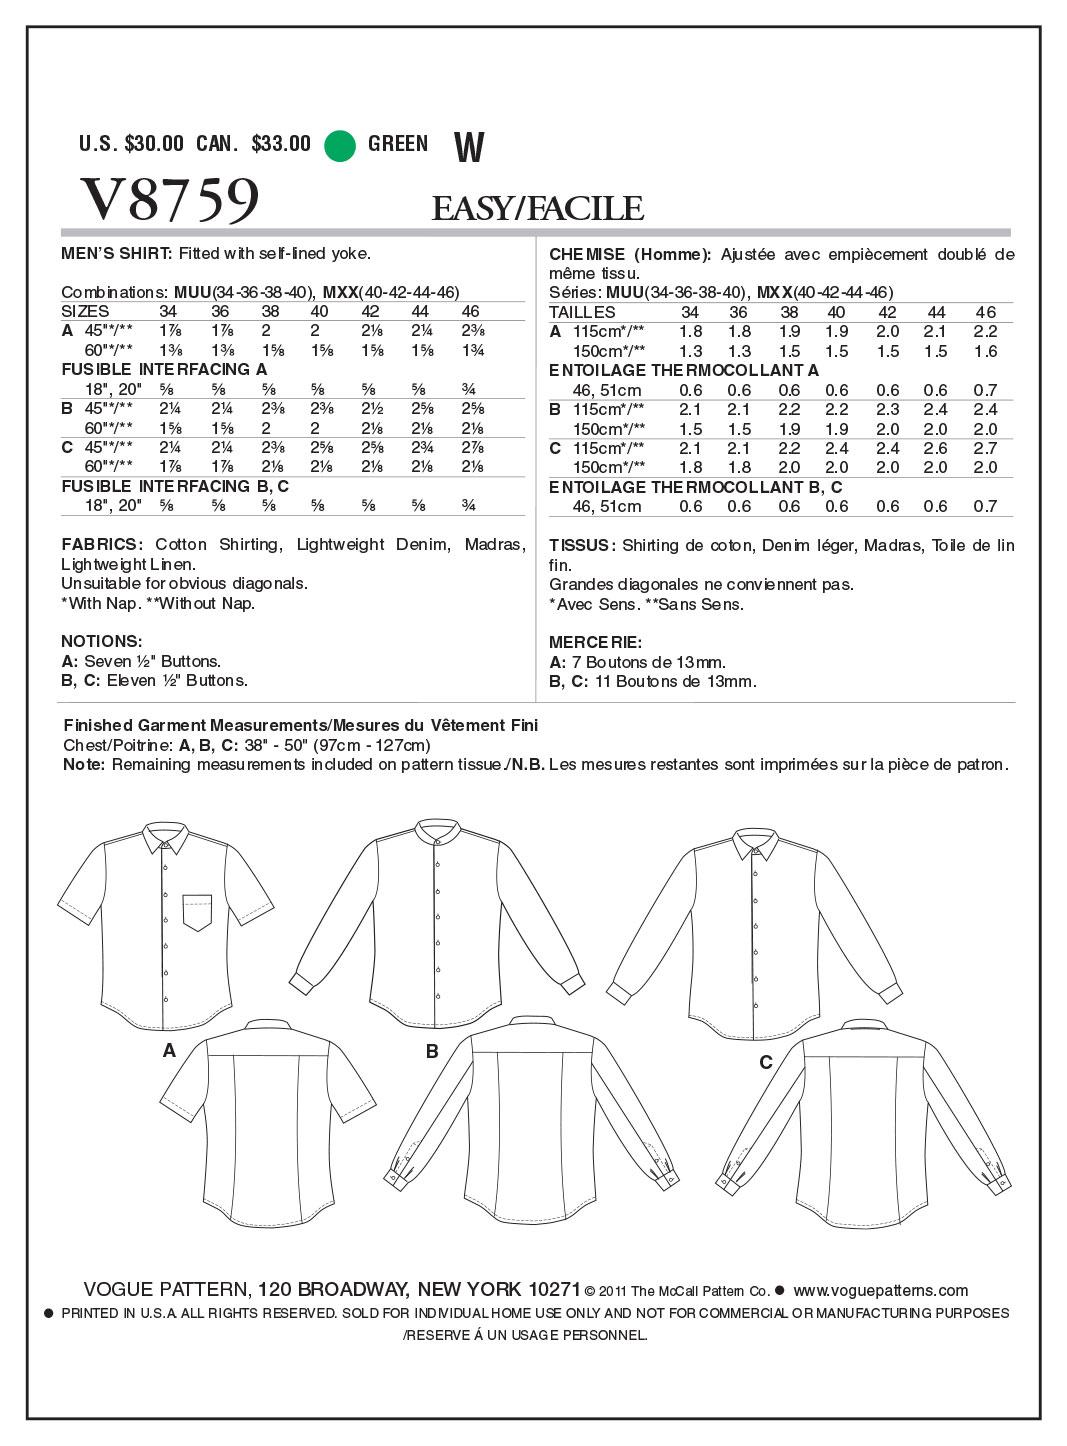 Vogue Patterns Mens Top V8759